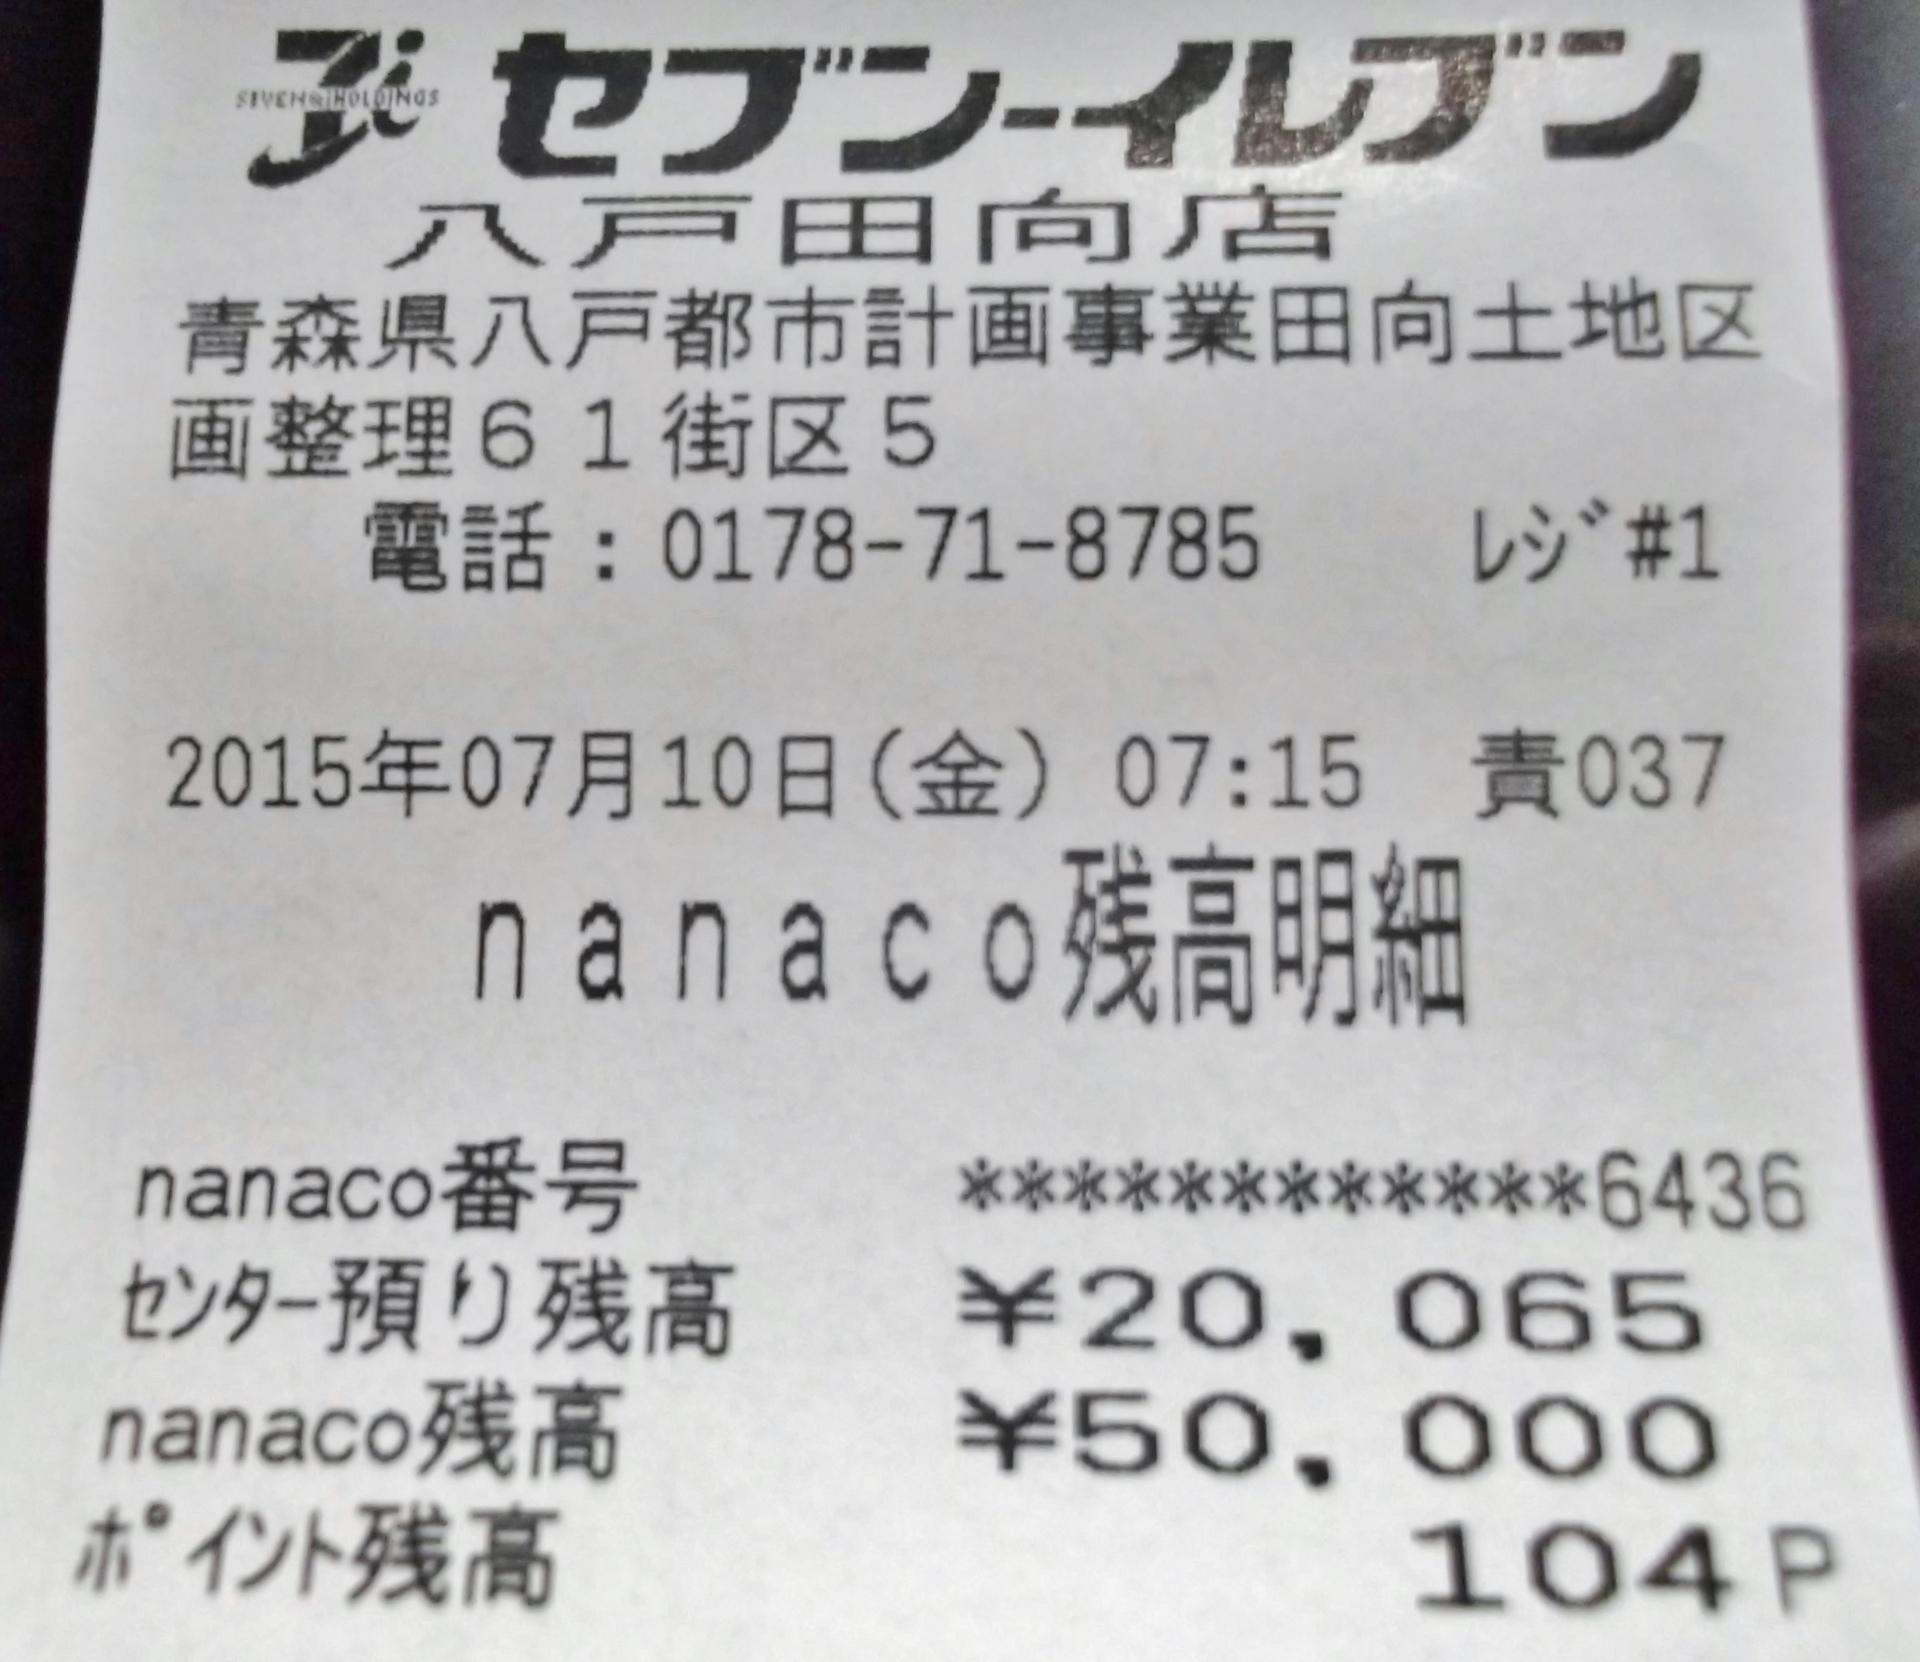 方法 確認 nanaco 残高